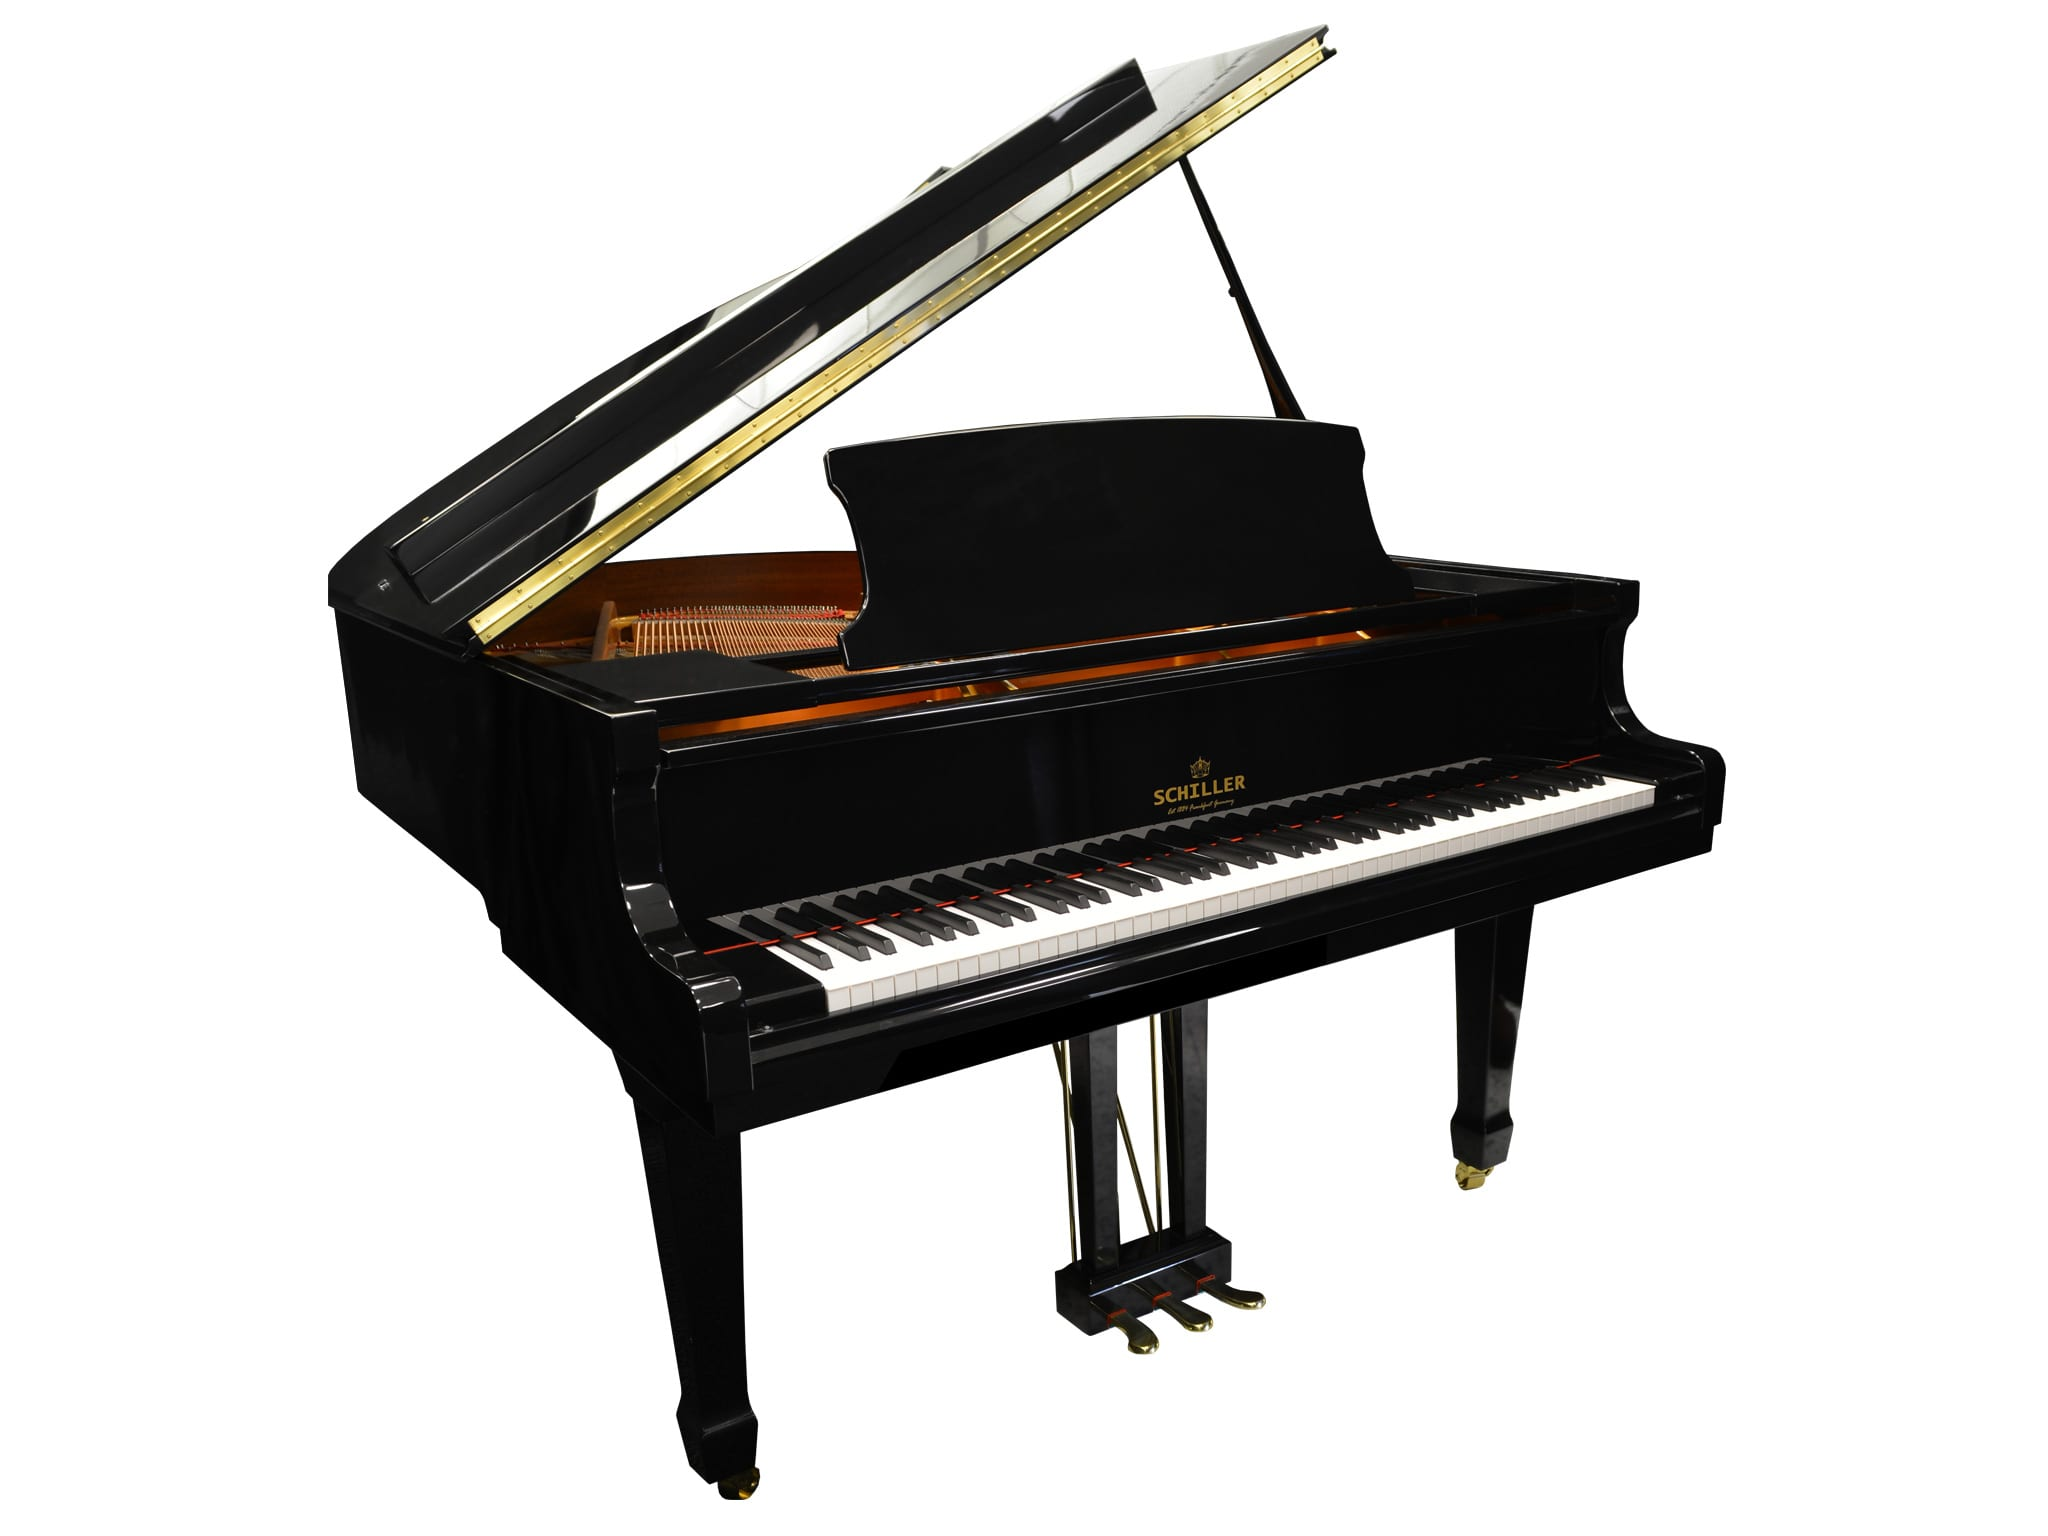 berlin grand piano ebony polish schiller piano company usa. Black Bedroom Furniture Sets. Home Design Ideas